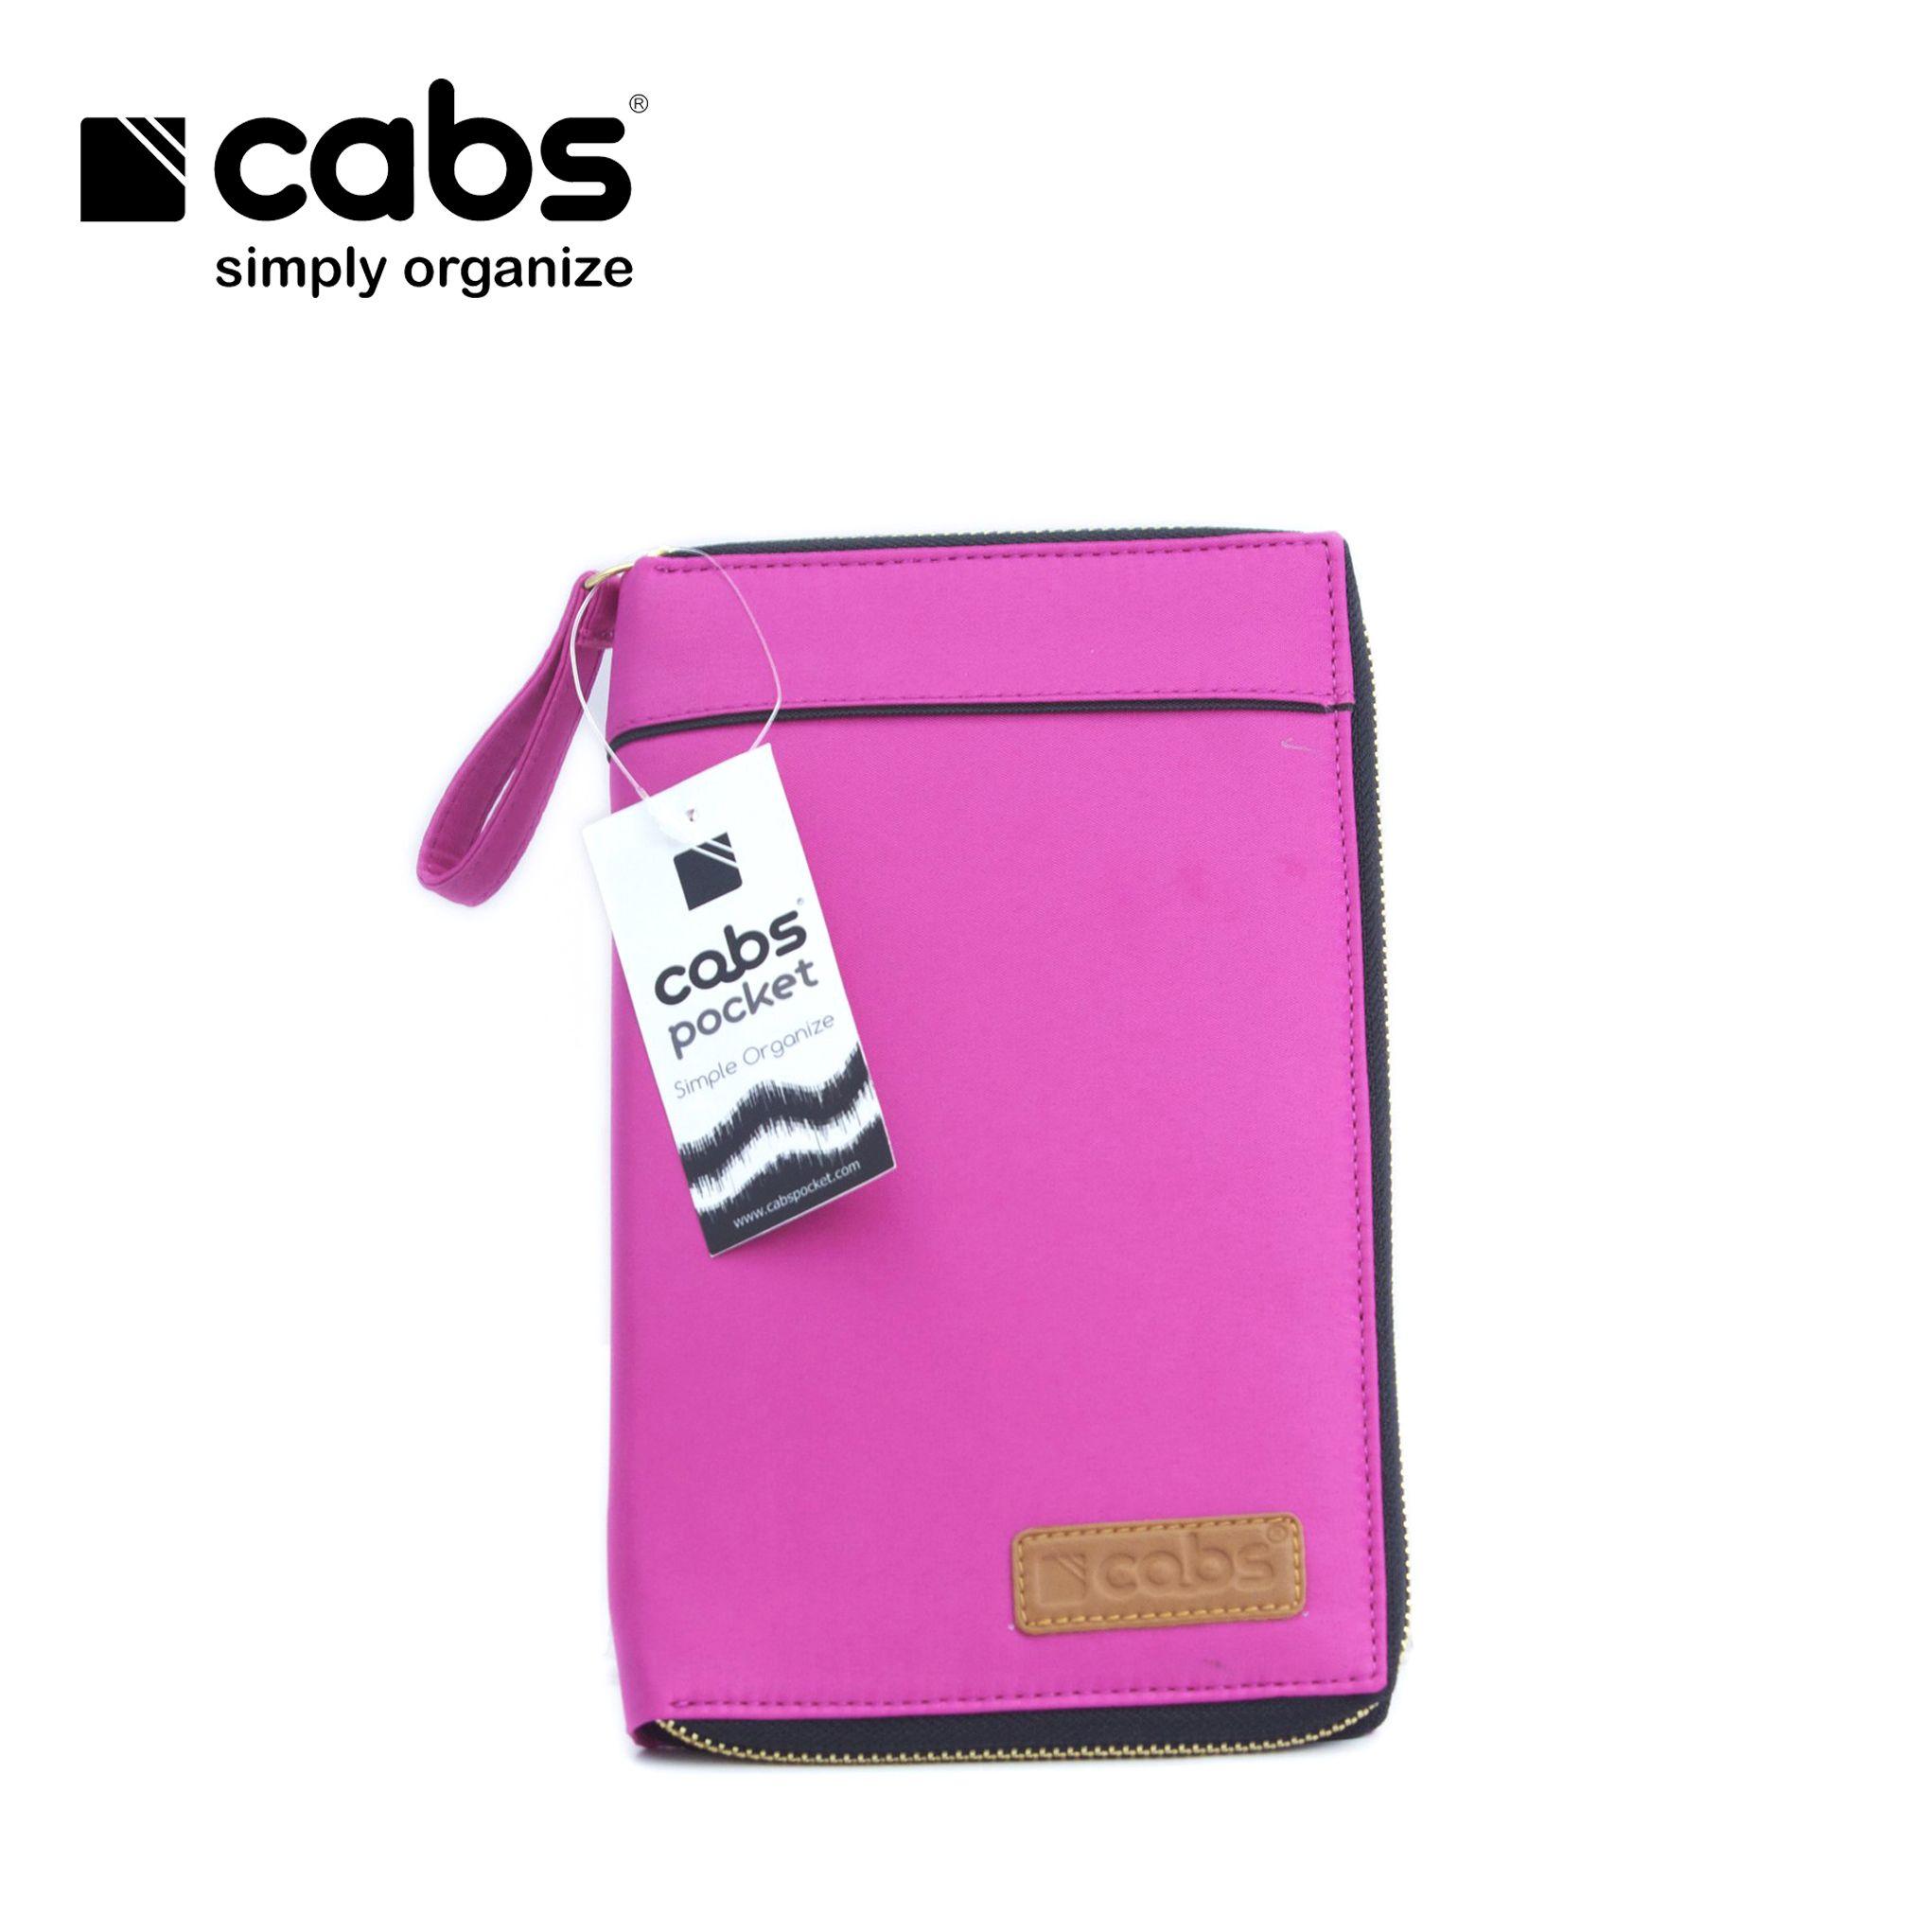 Cabs Pocket Andro (Dompet Serbaguna HPO Organizer untuk Pria & Wanita Dompet Kartu Lokal Wallet Branded) Pink